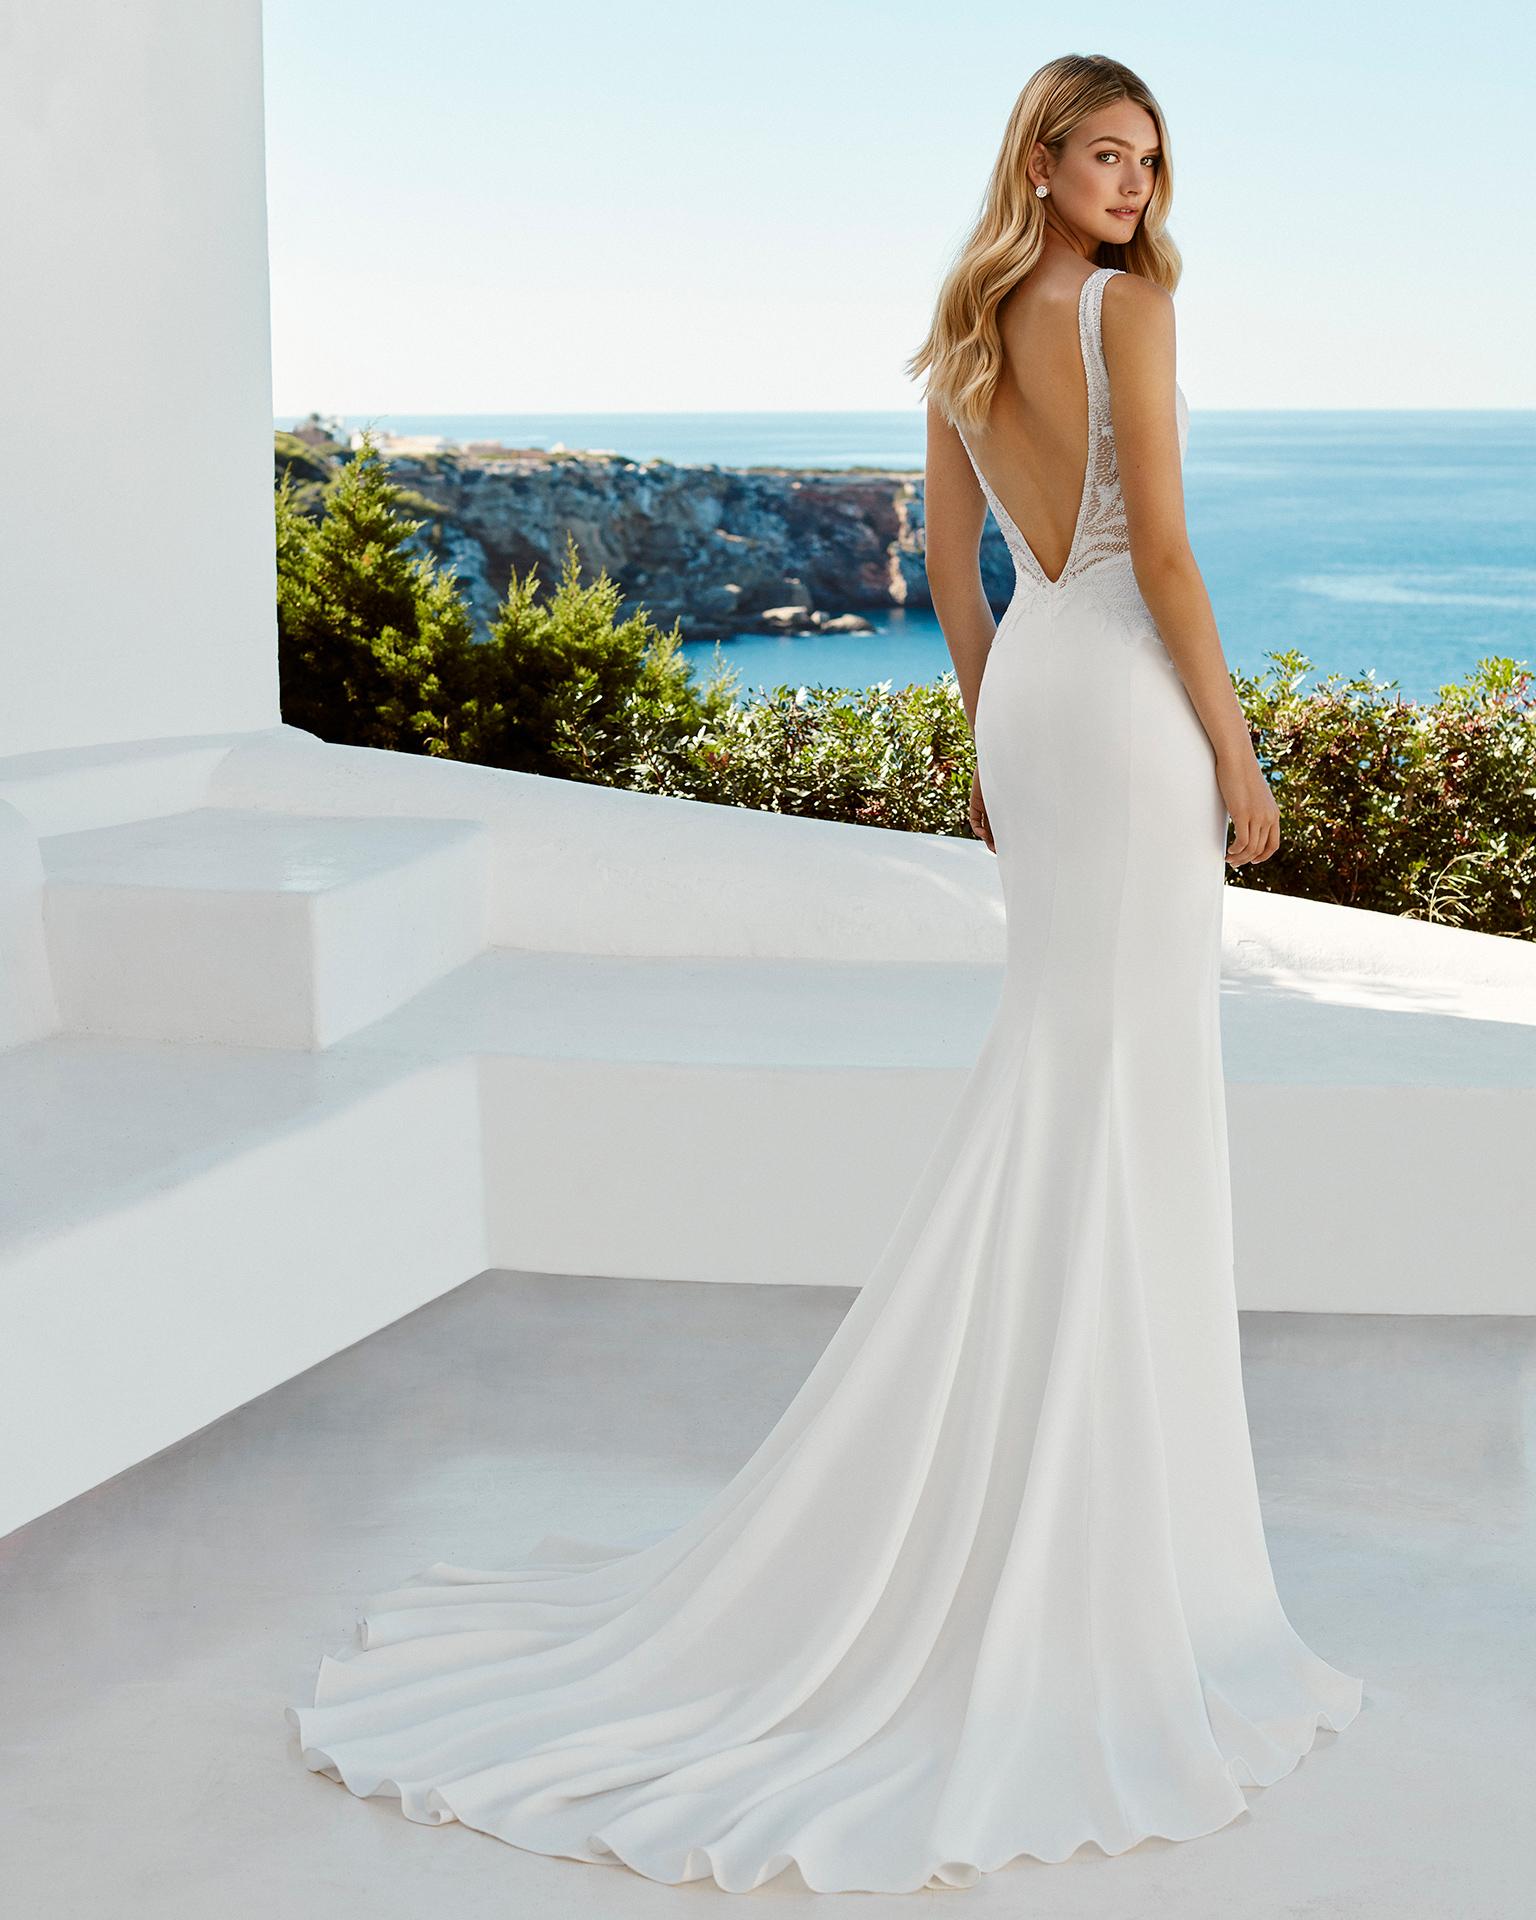 .2019 مجموعة فساتين AIRE BEACH WEDDING فستان زفاف مصمّم على شكل كسوة من الكريب المزيّن بالخرز. ذو تقويرة على شكل